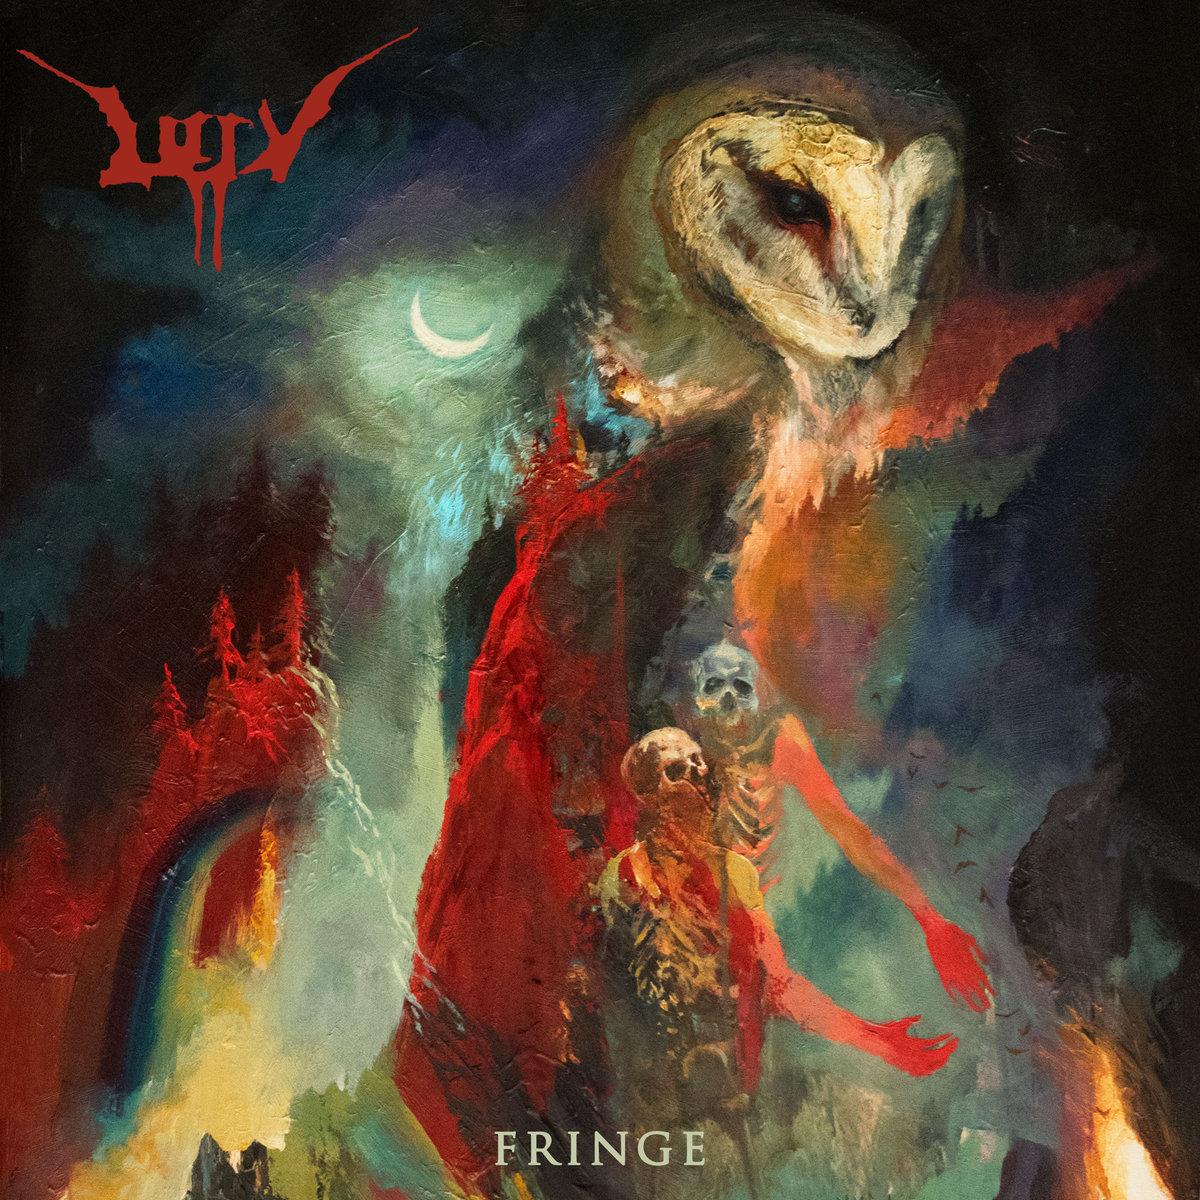 Fringe (Sludge/Doom Metal)